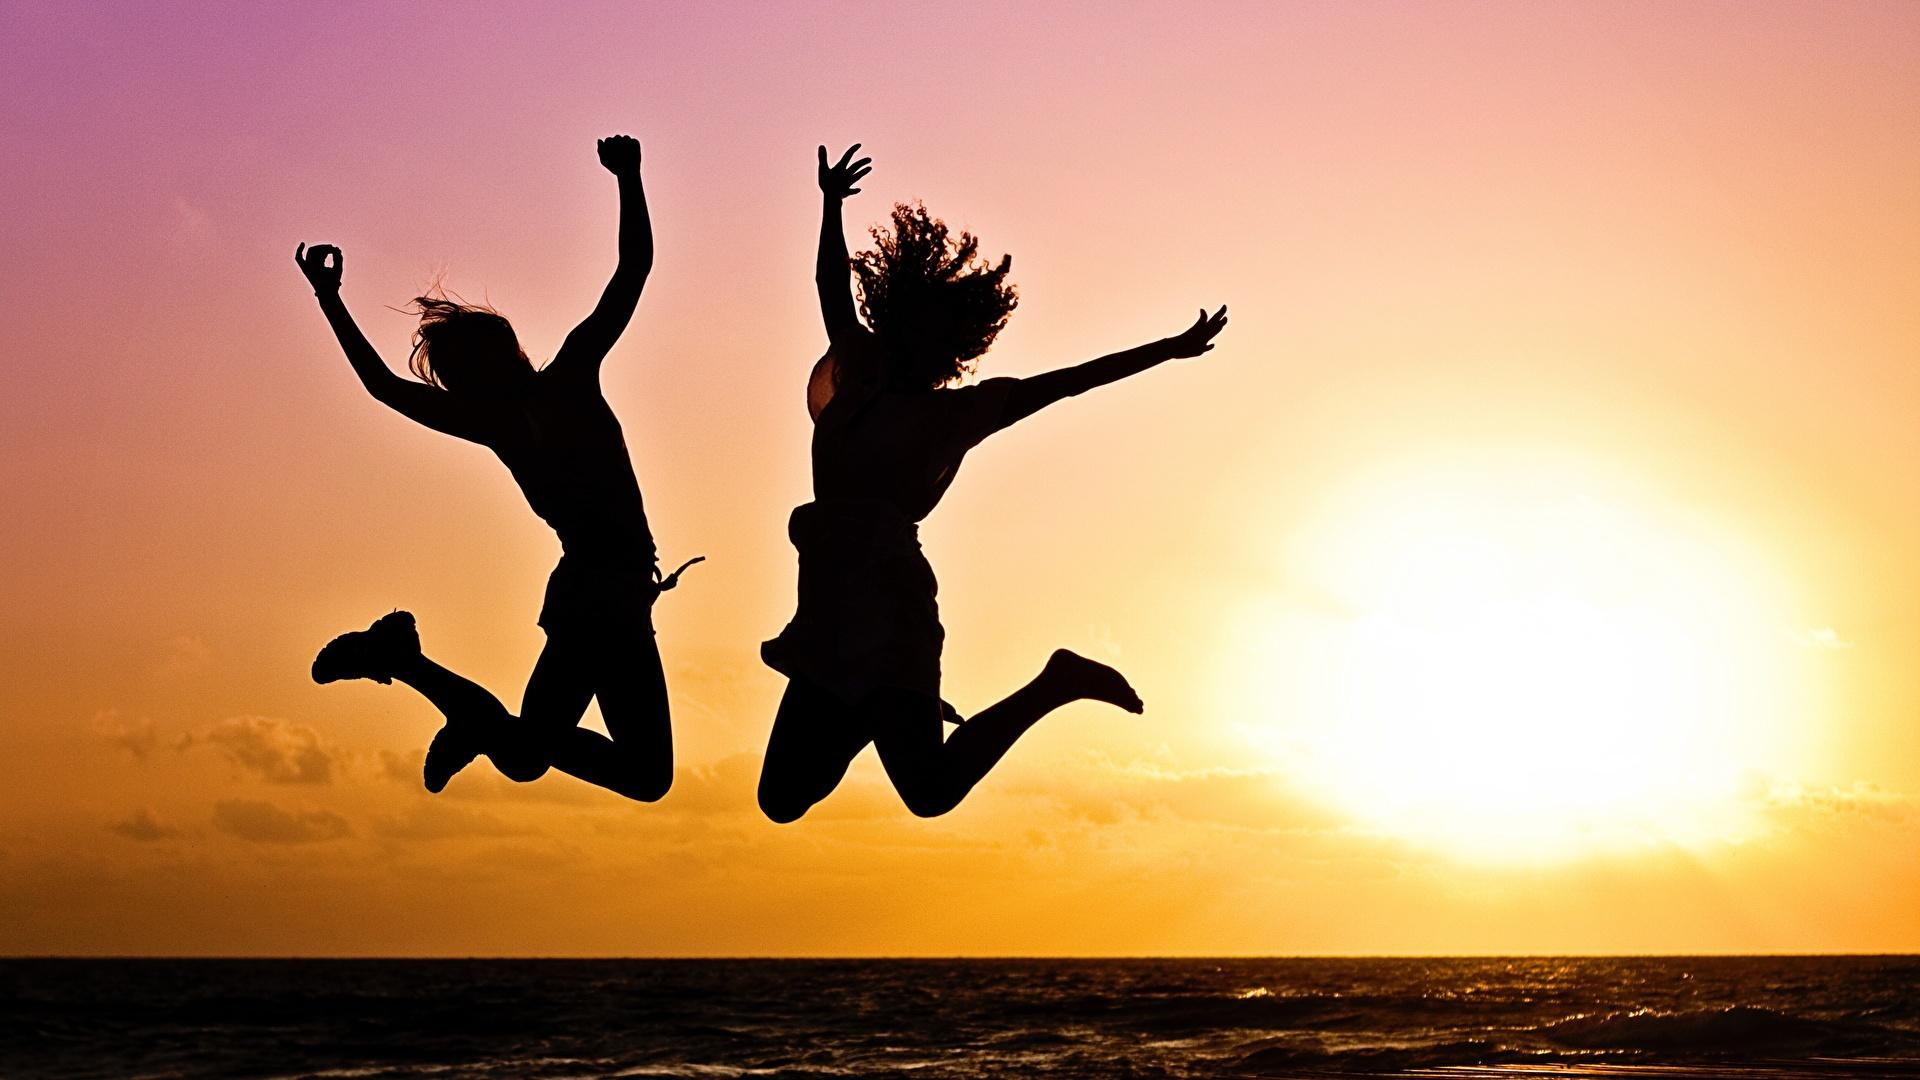 Обои для рабочего стола силуэта Двое Солнце молодые женщины прыгает рассвет и закат 1920x1080 Силуэт силуэты 2 два две вдвоем солнца Девушки девушка молодая женщина Прыжок прыгать в прыжке Рассветы и закаты